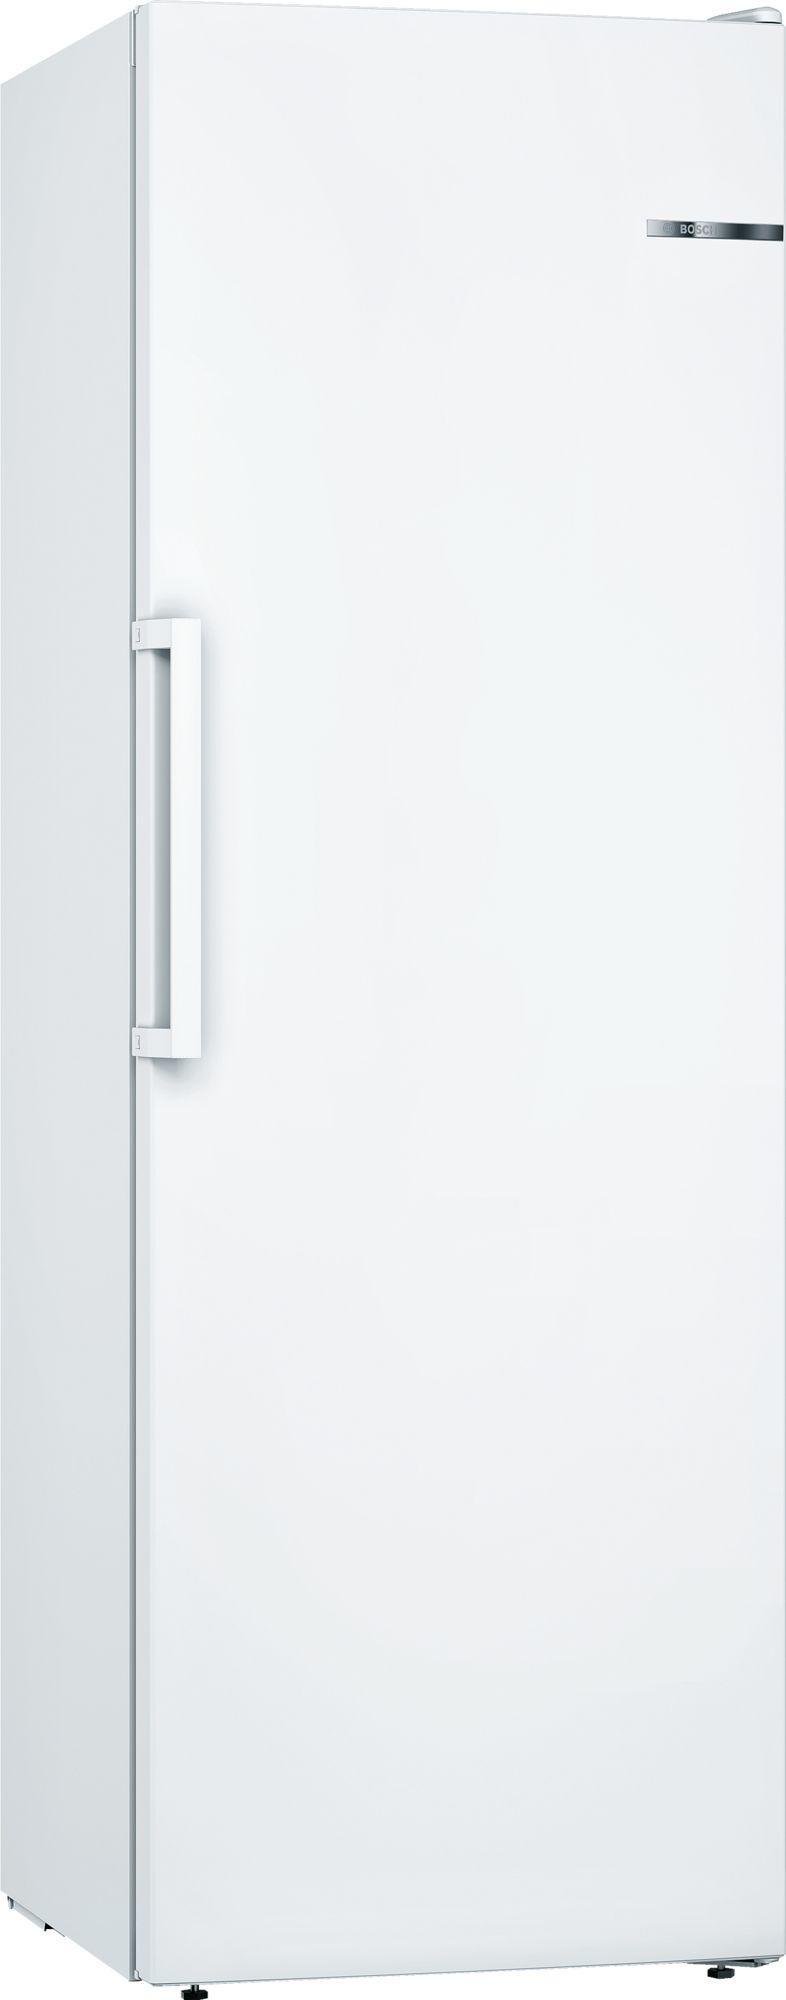 Image of Bosch GSN33VWEPG